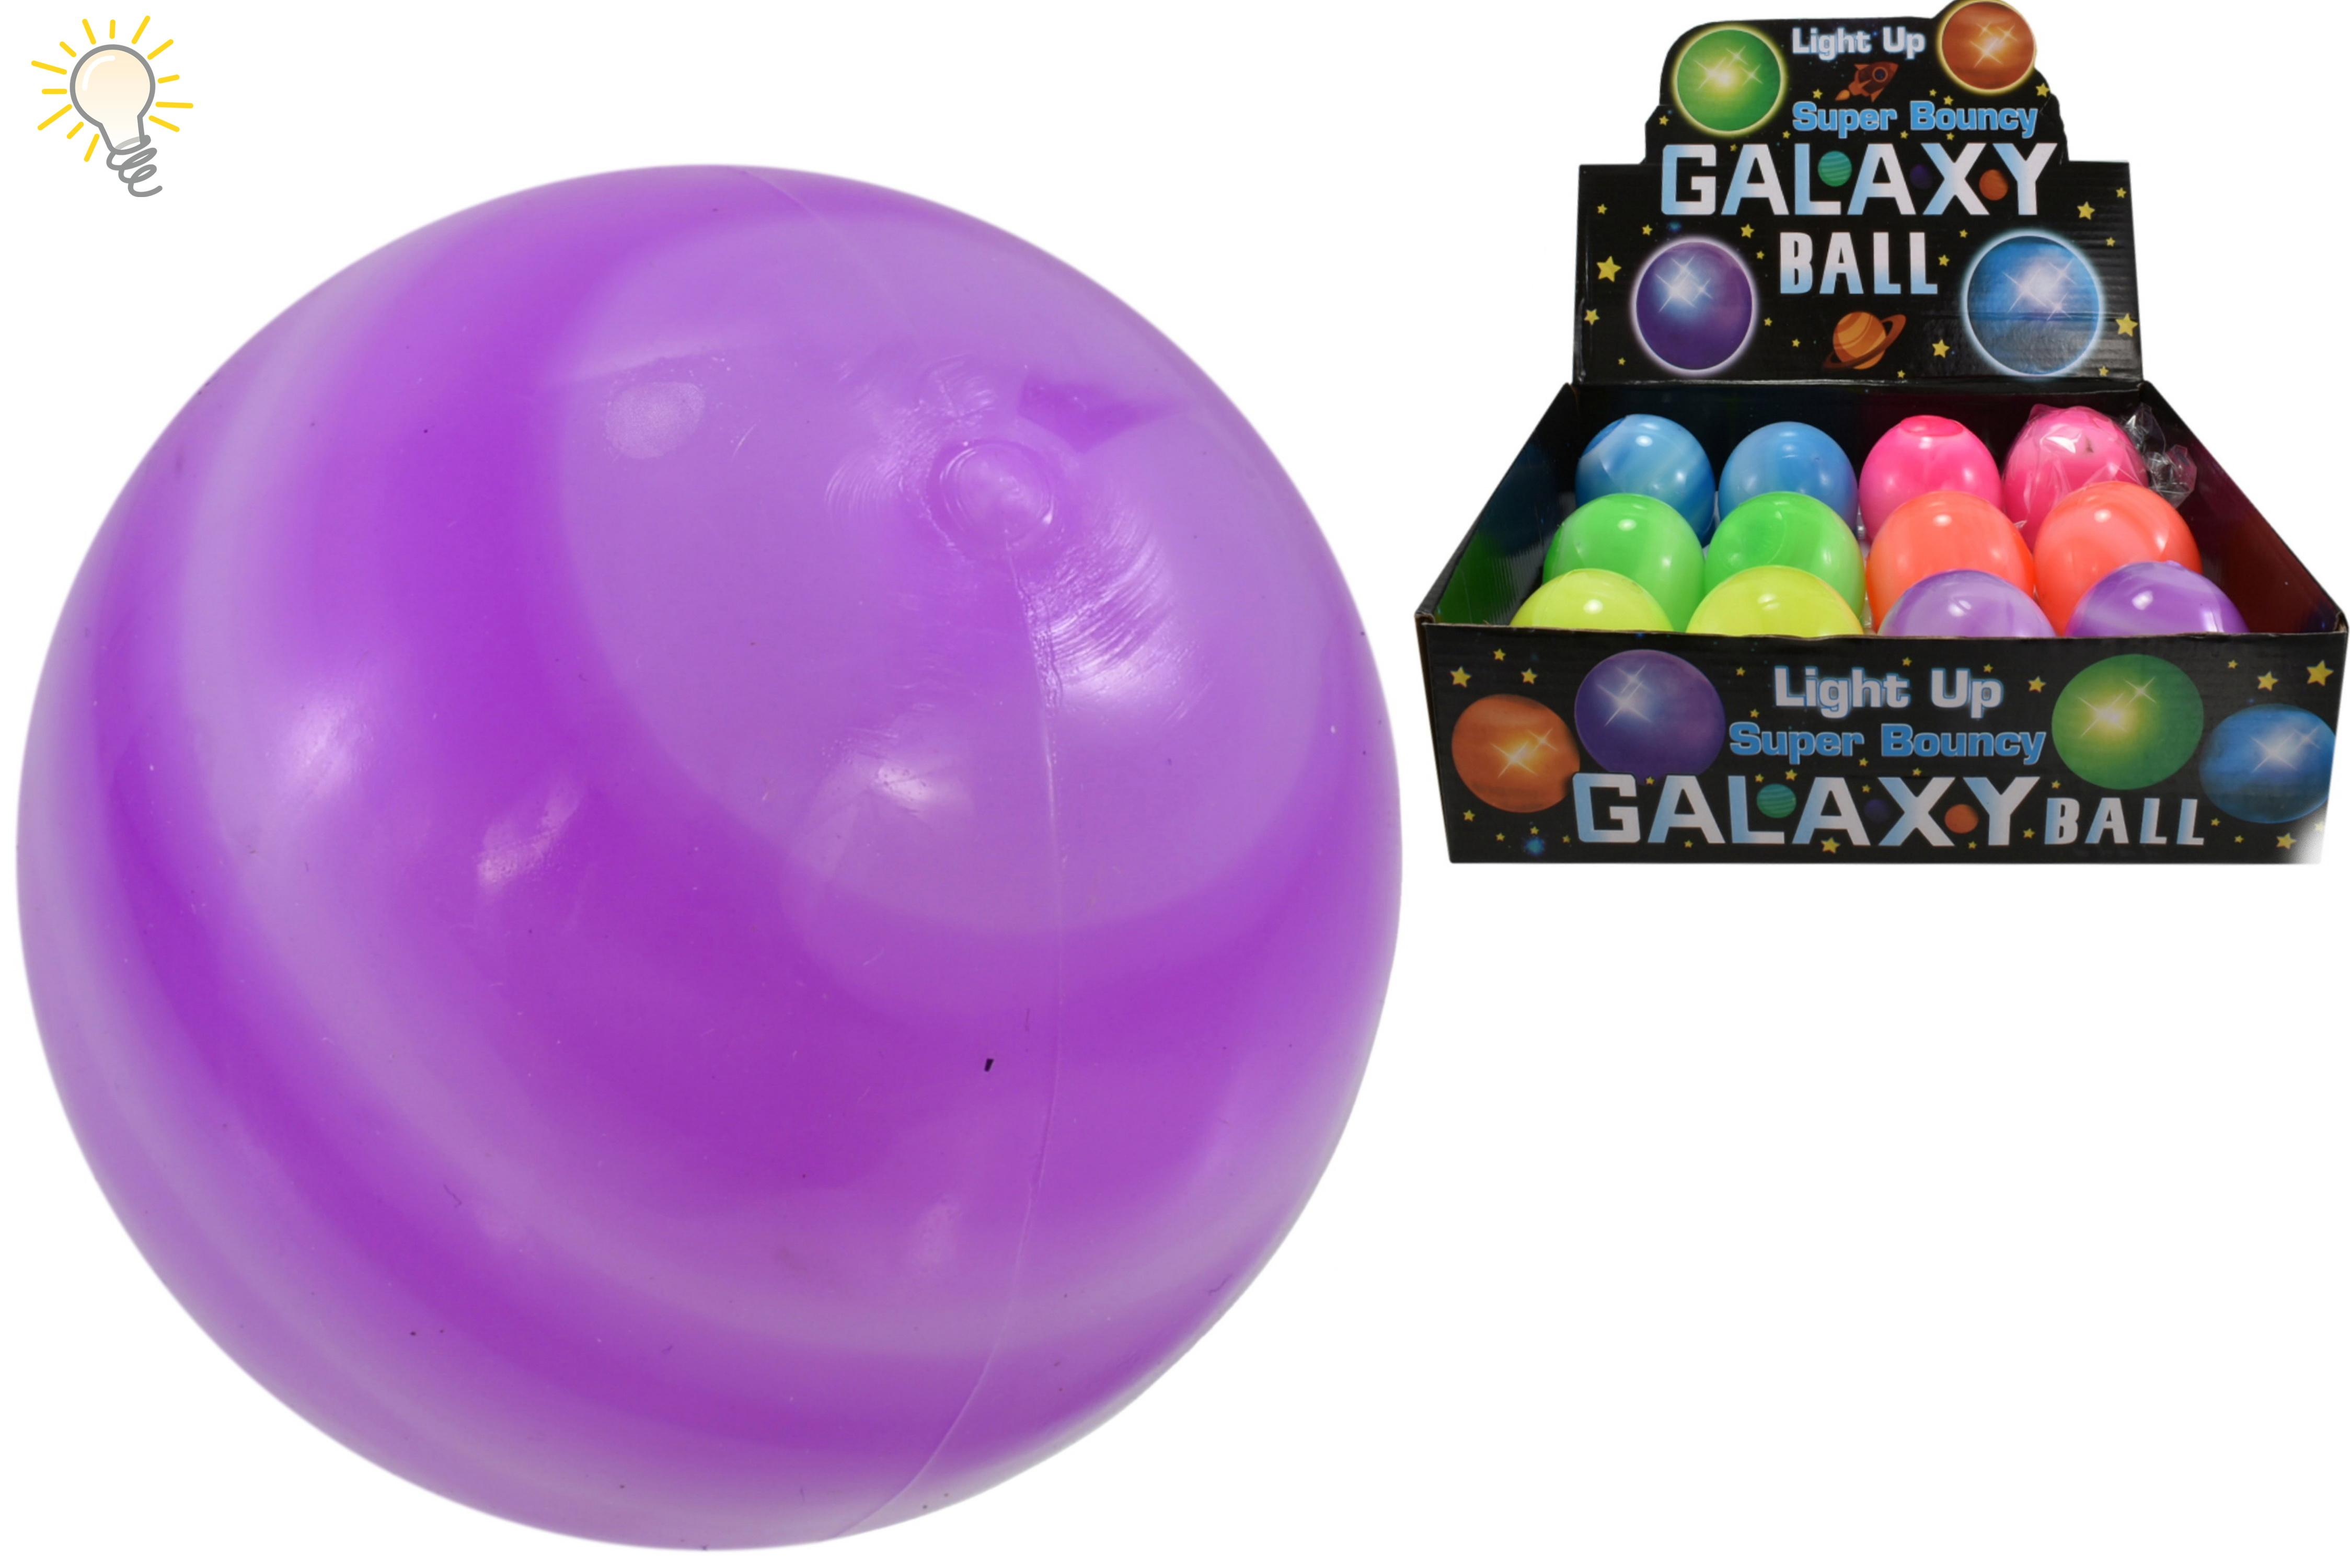 65mm Light Up Super Bouncy Galaxy Ball (6 Asst) In Dbx